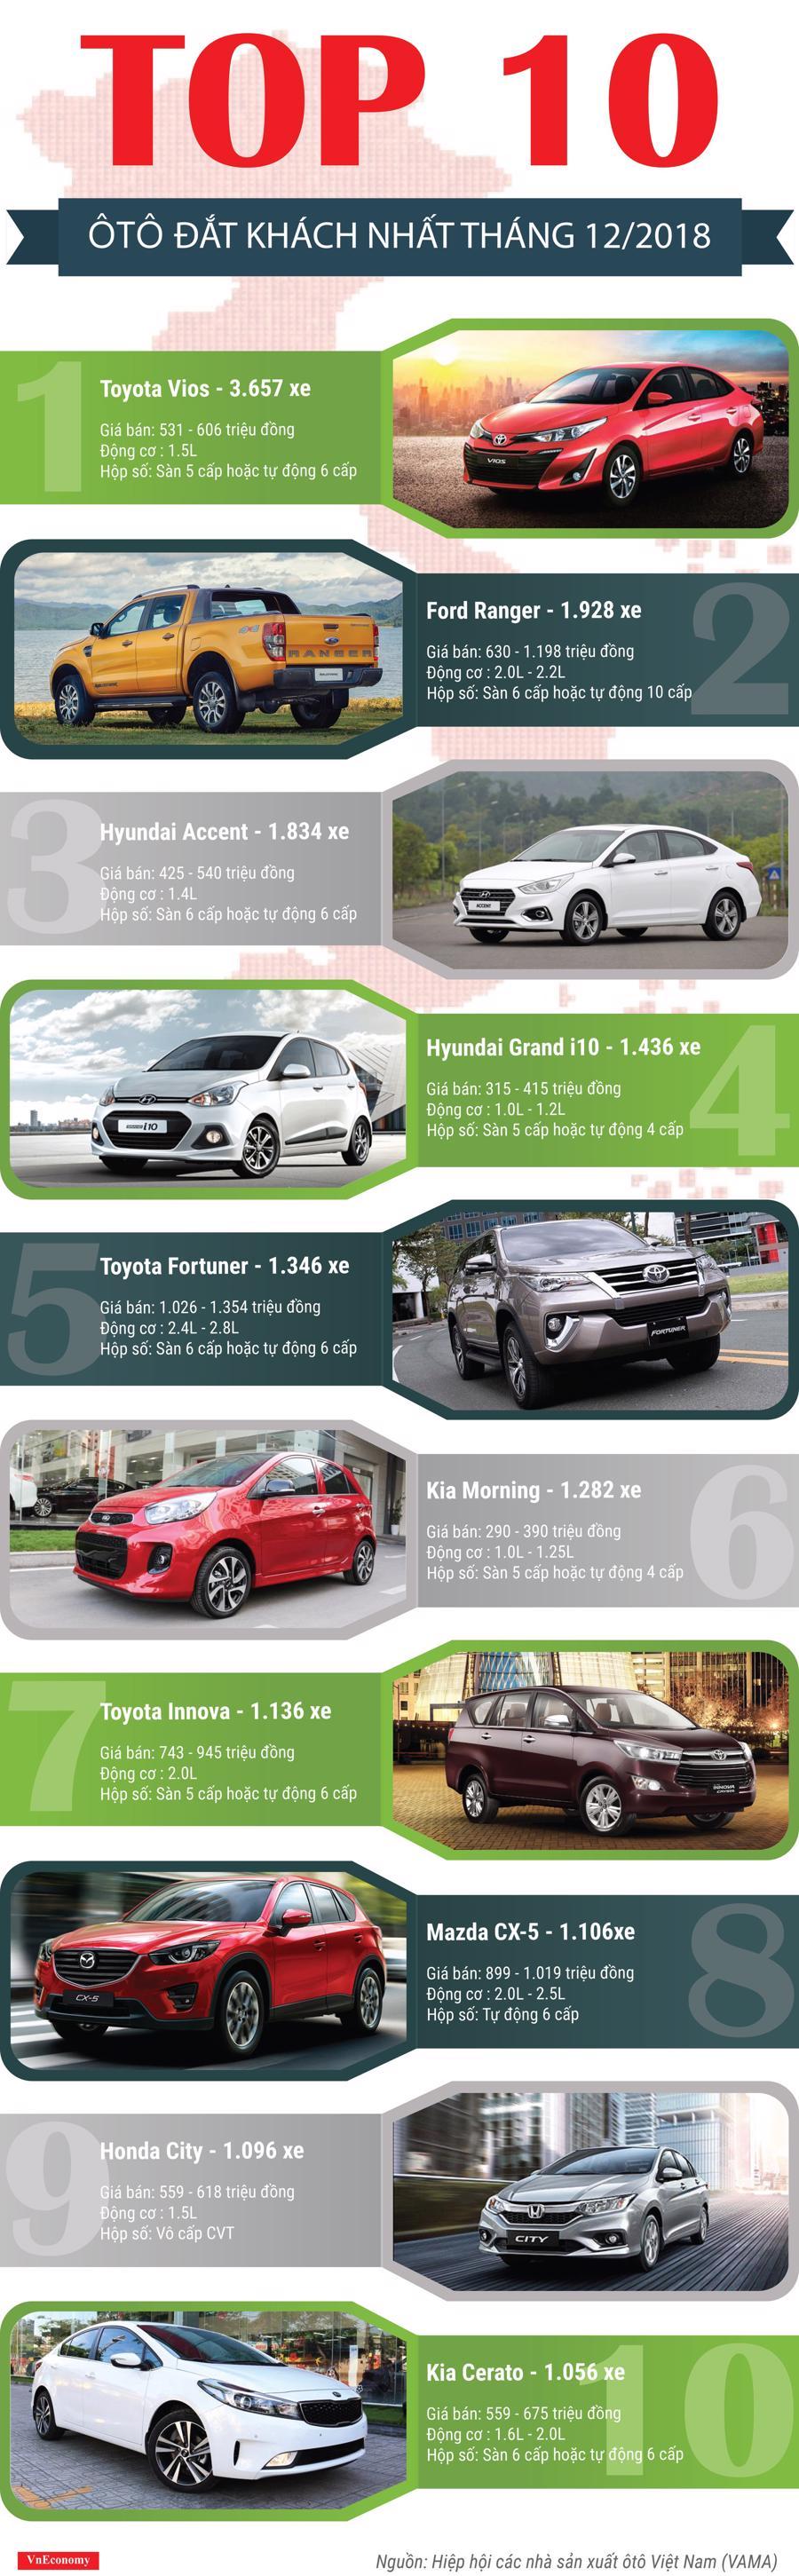 10 ôtô đắt khách nhất tháng 12/2018 - Ảnh 1.